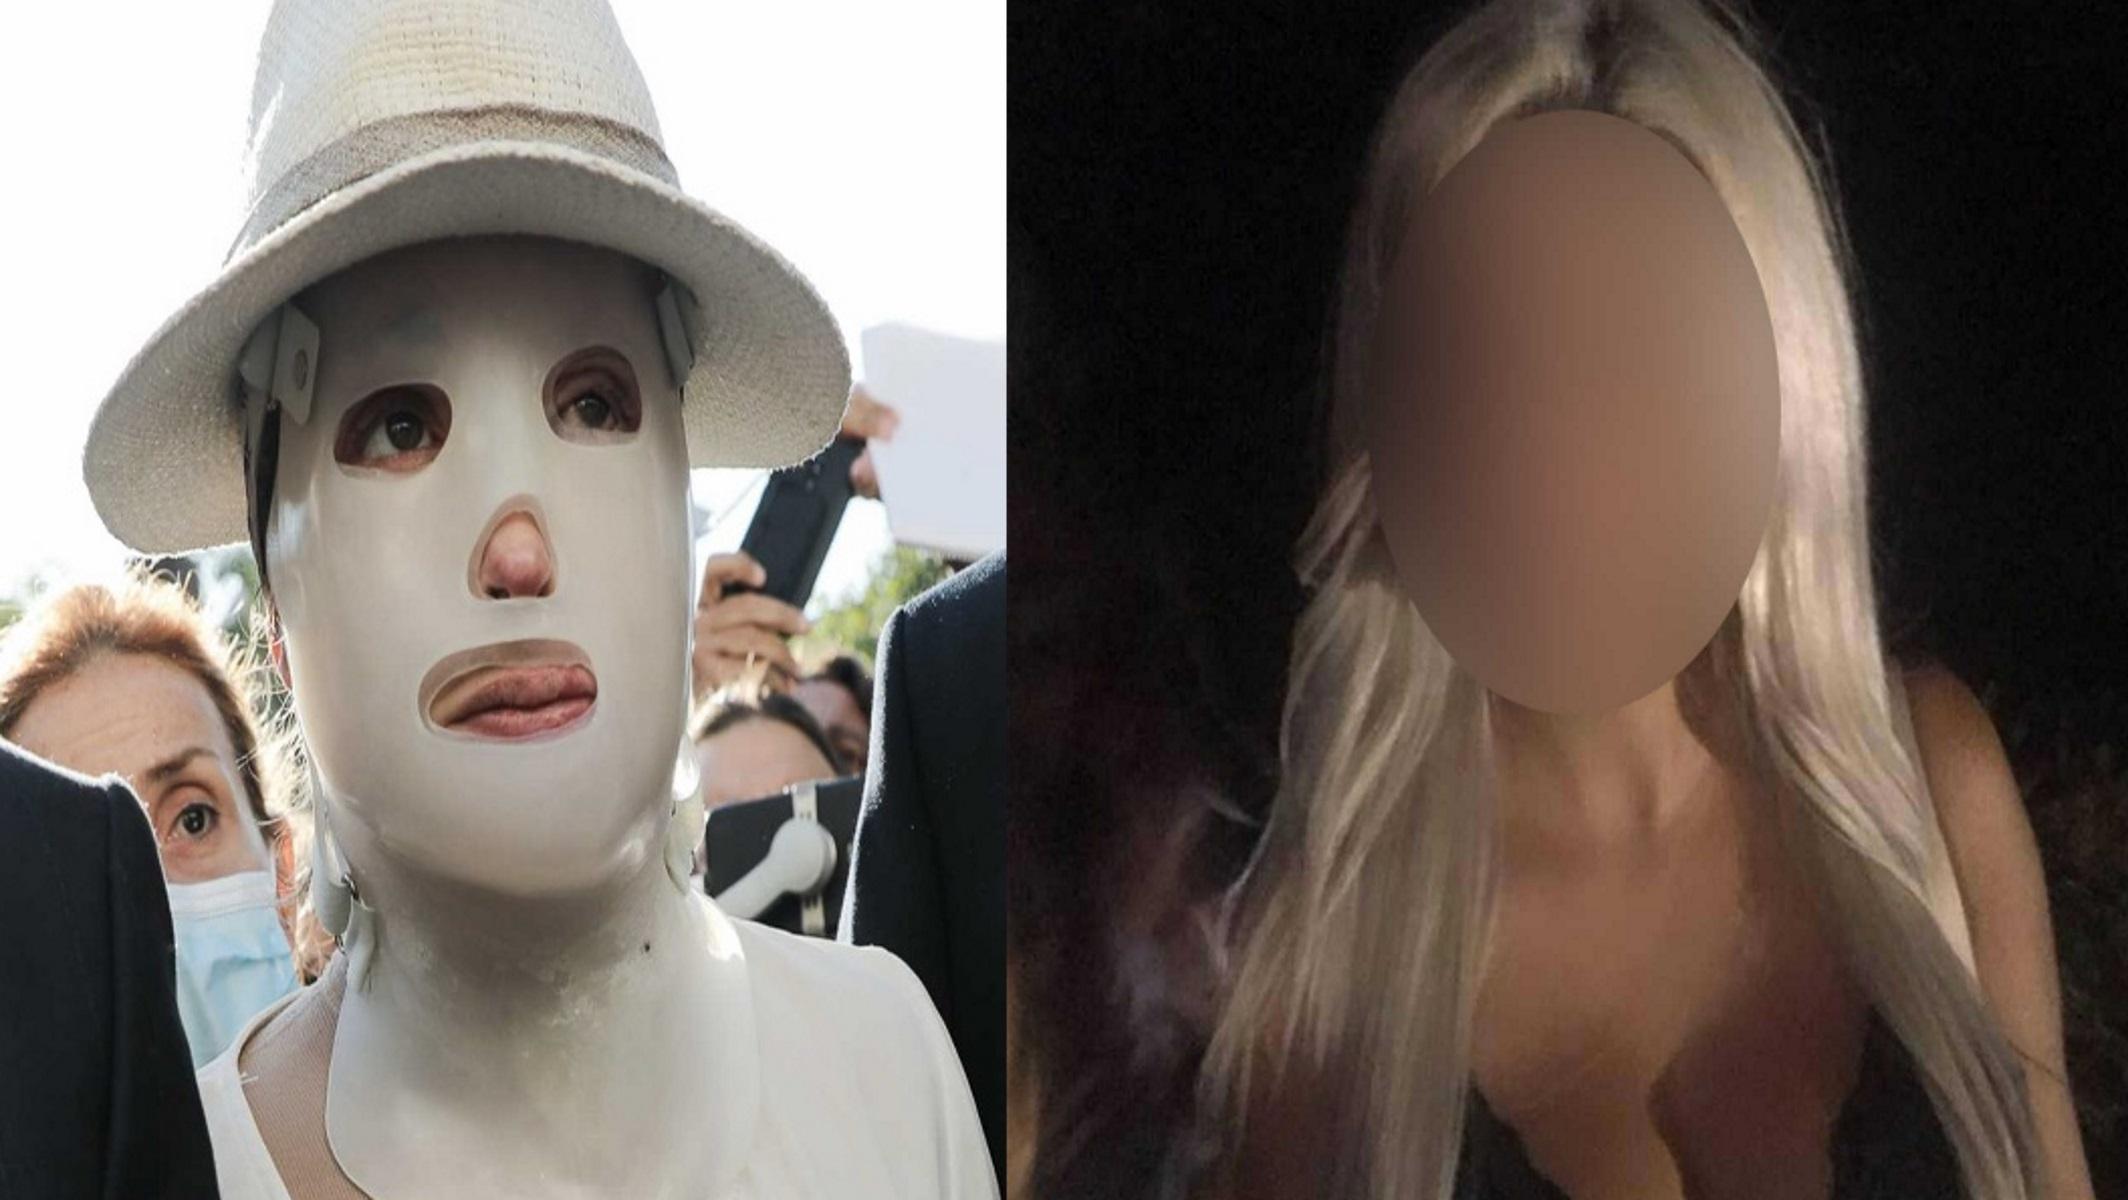 Επίθεση με βιτριόλι στην Ιωάννα Παλιοσπύρου: Πιθανό να εμφανιστεί στη δίκη ο συνεργός της Έφης